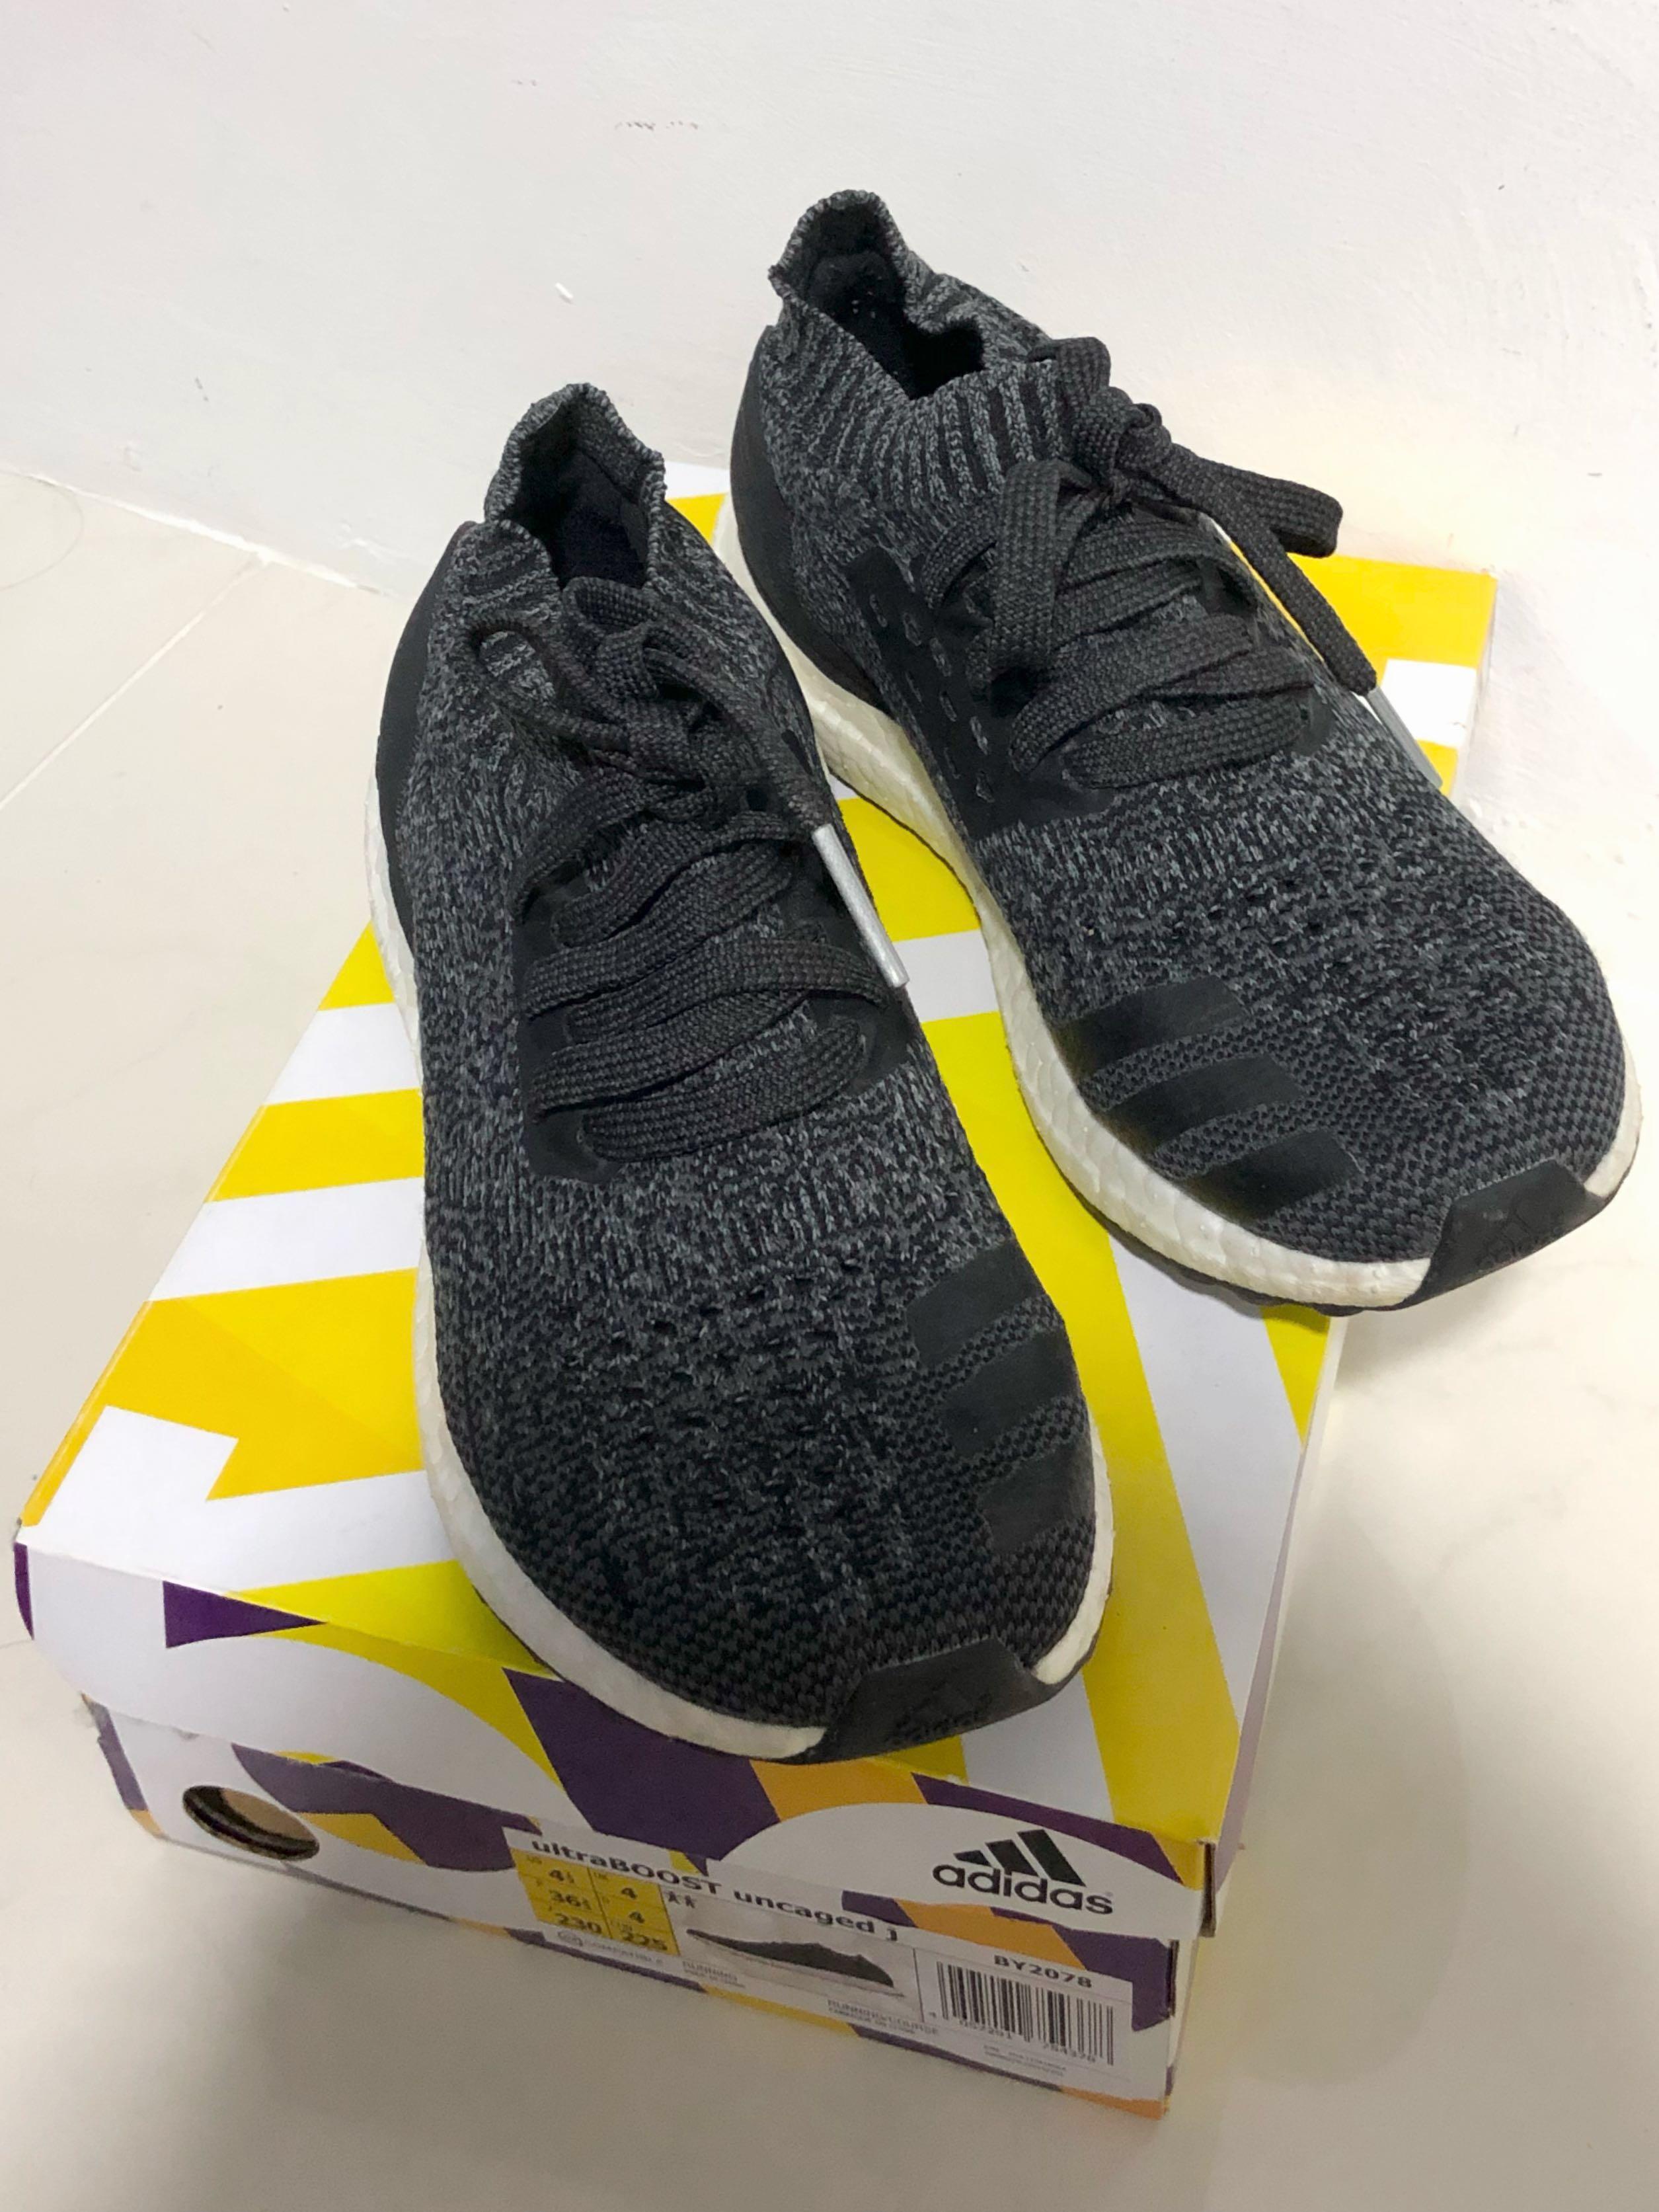 d1446de5e Adidas Ultra Boost Uncaged - Carbon  Black